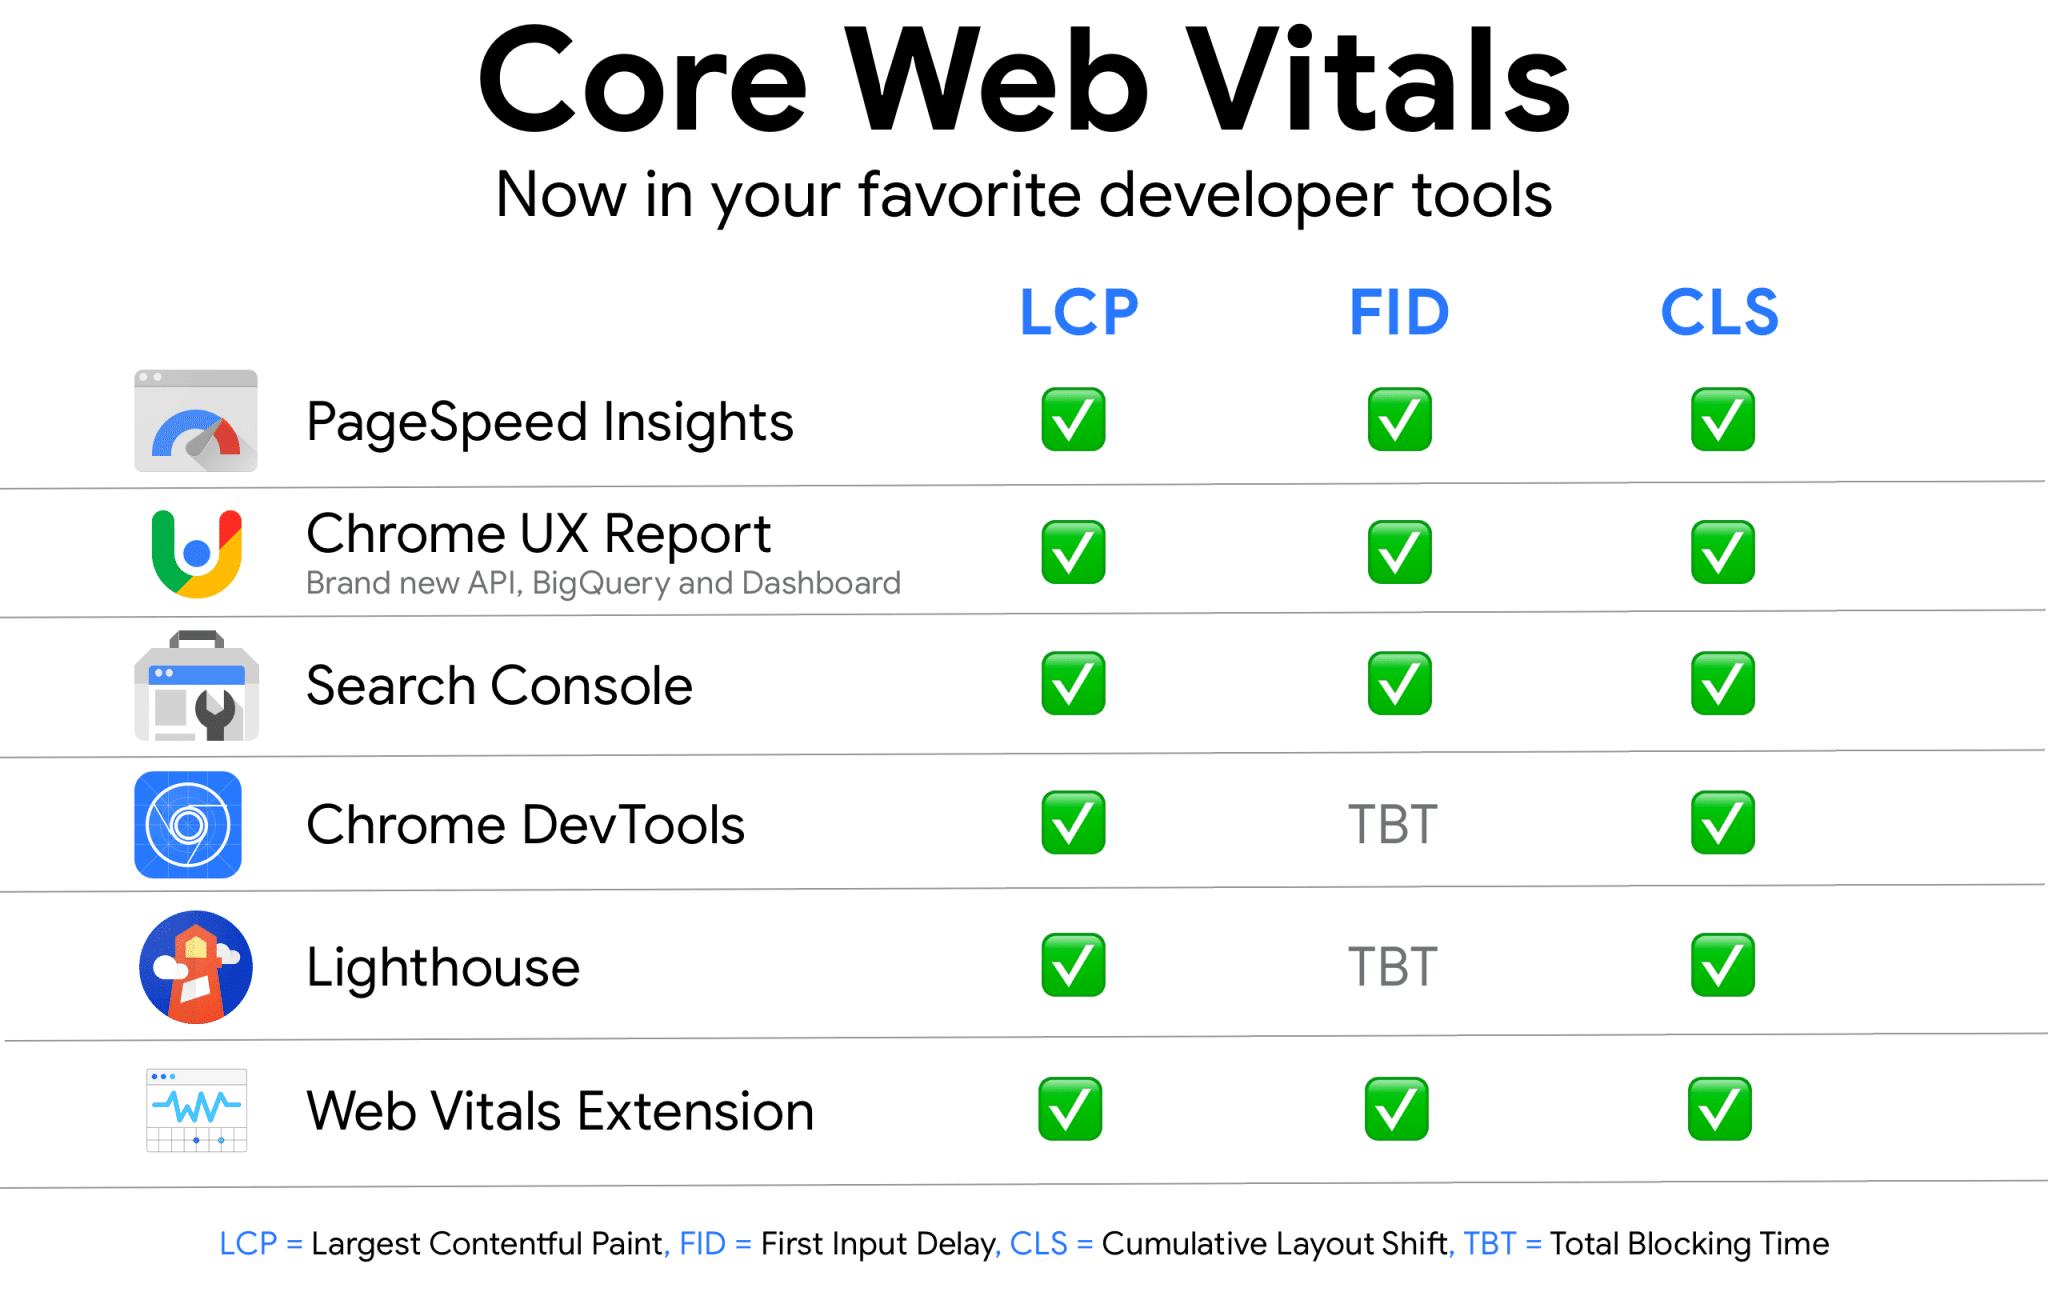 Google's tools to measure Core Web Vitals